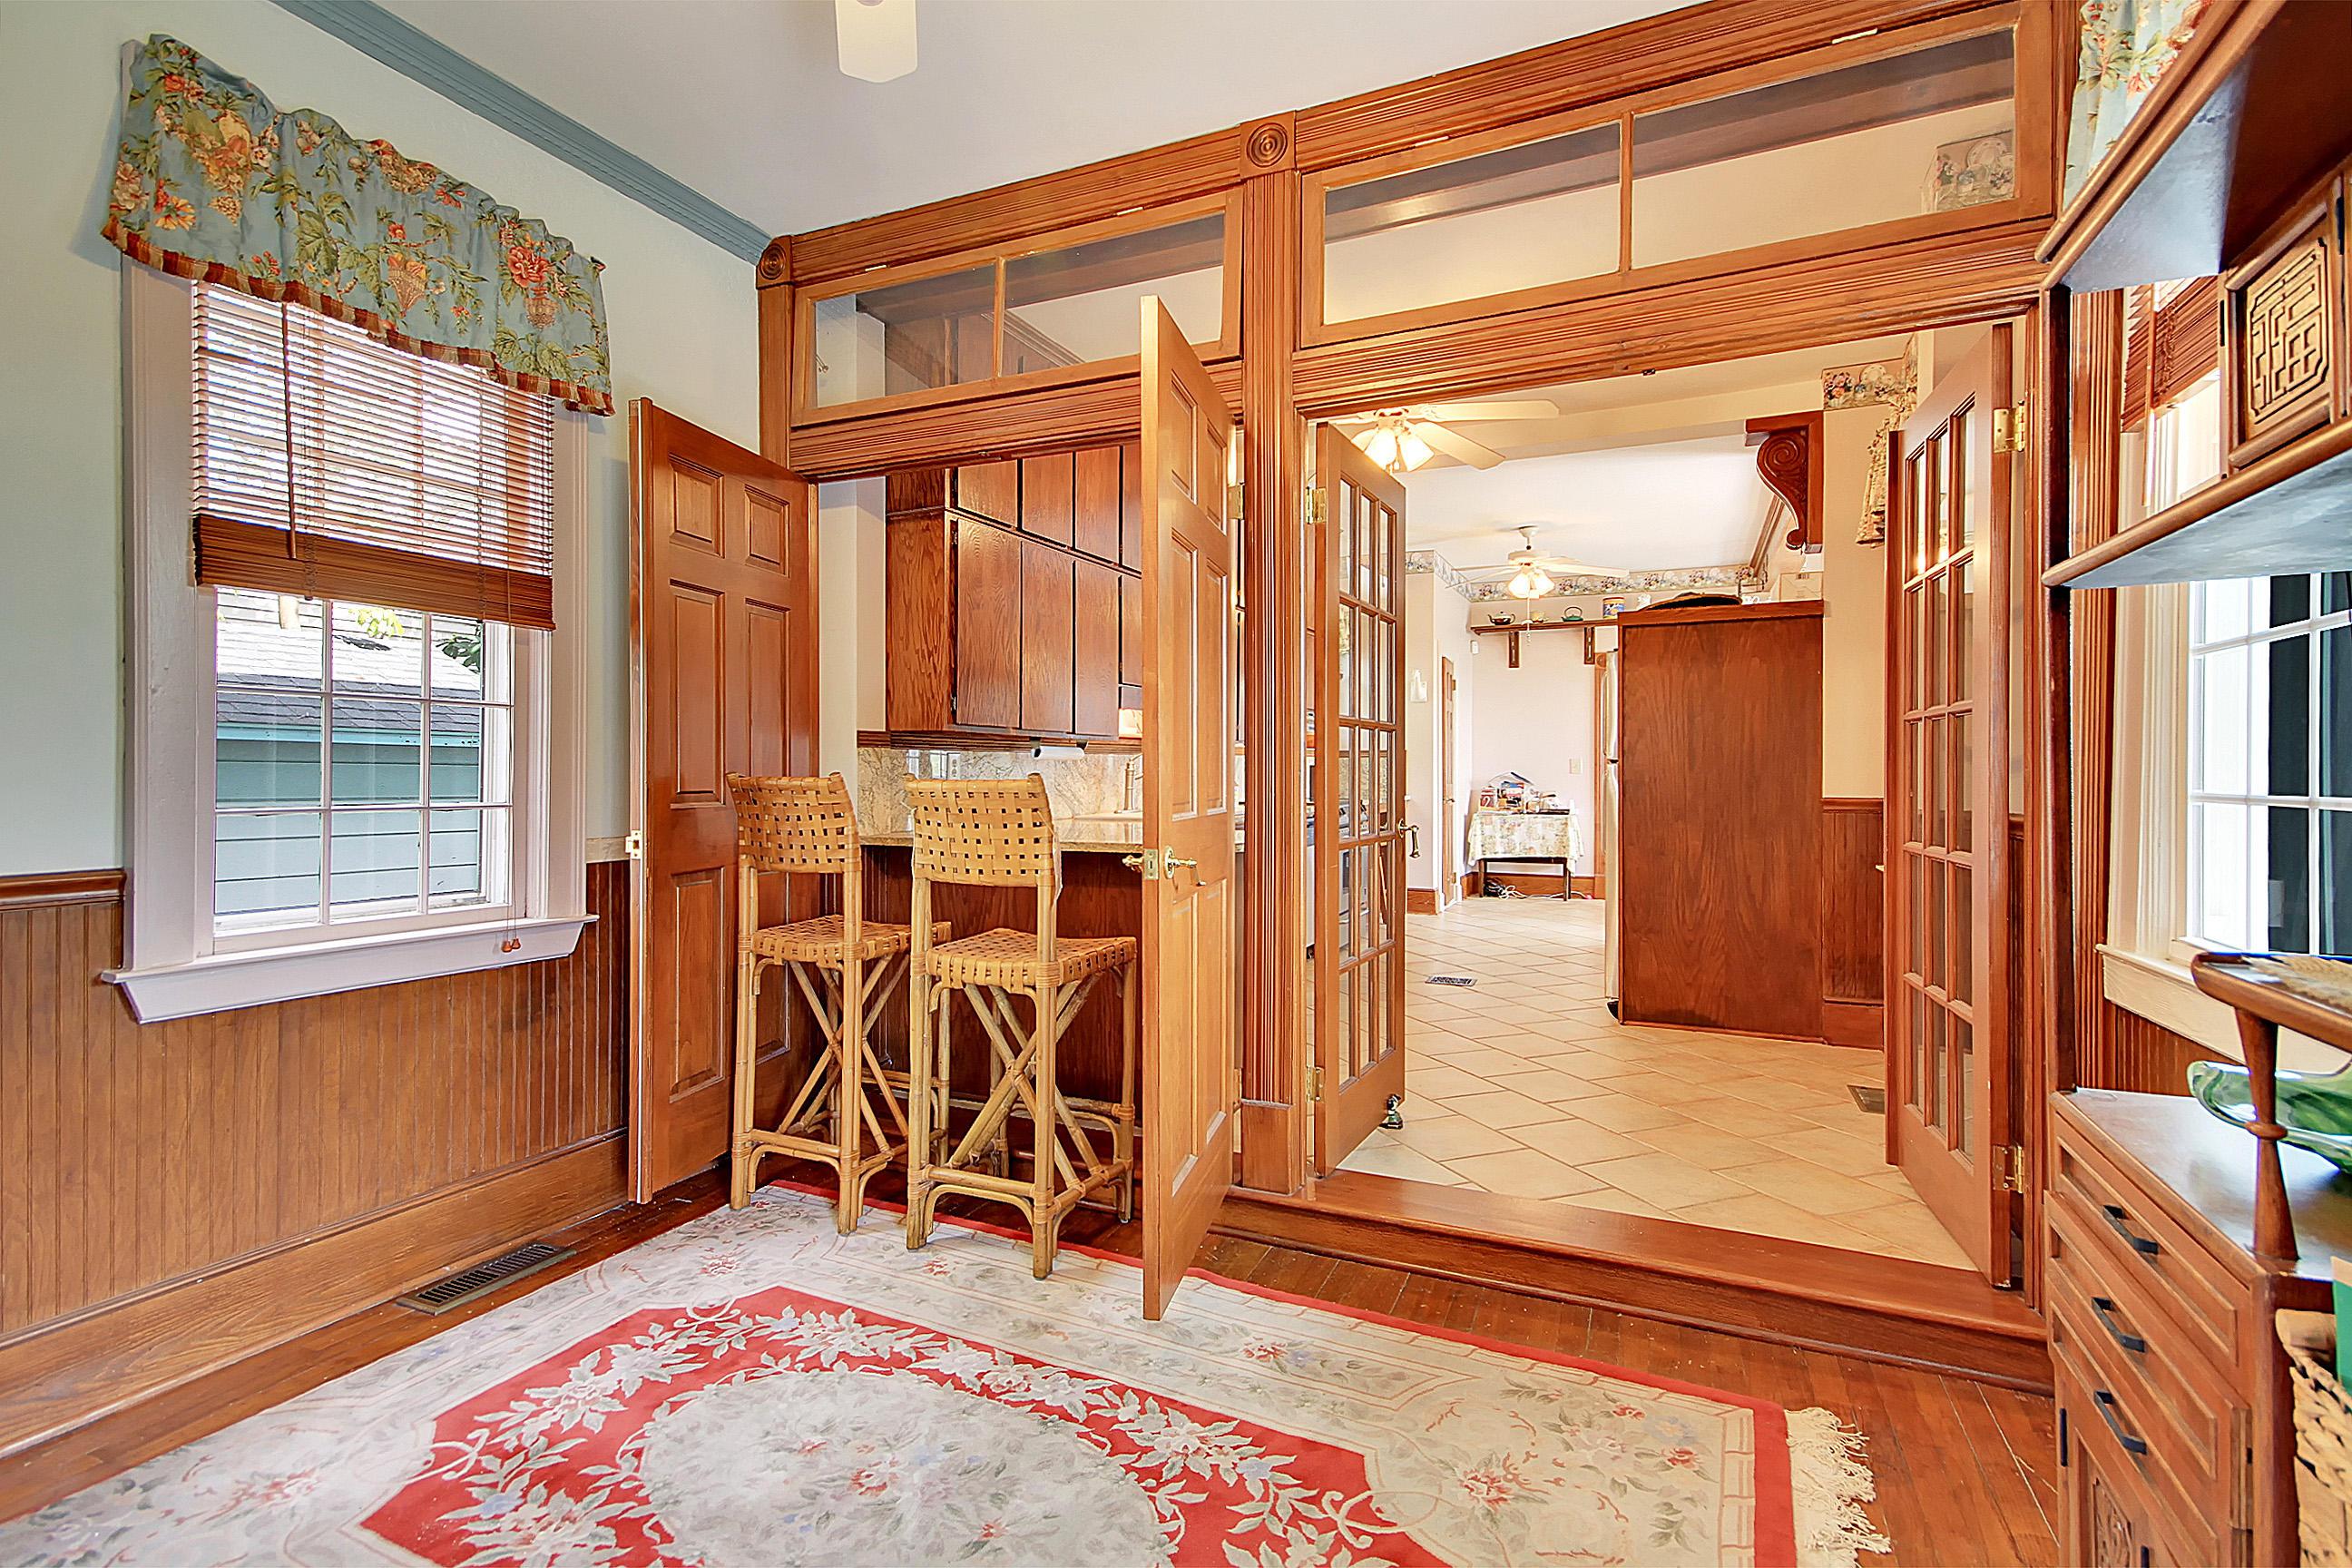 Harleston Village Homes For Sale - 218 Wentworth, Charleston, SC - 30